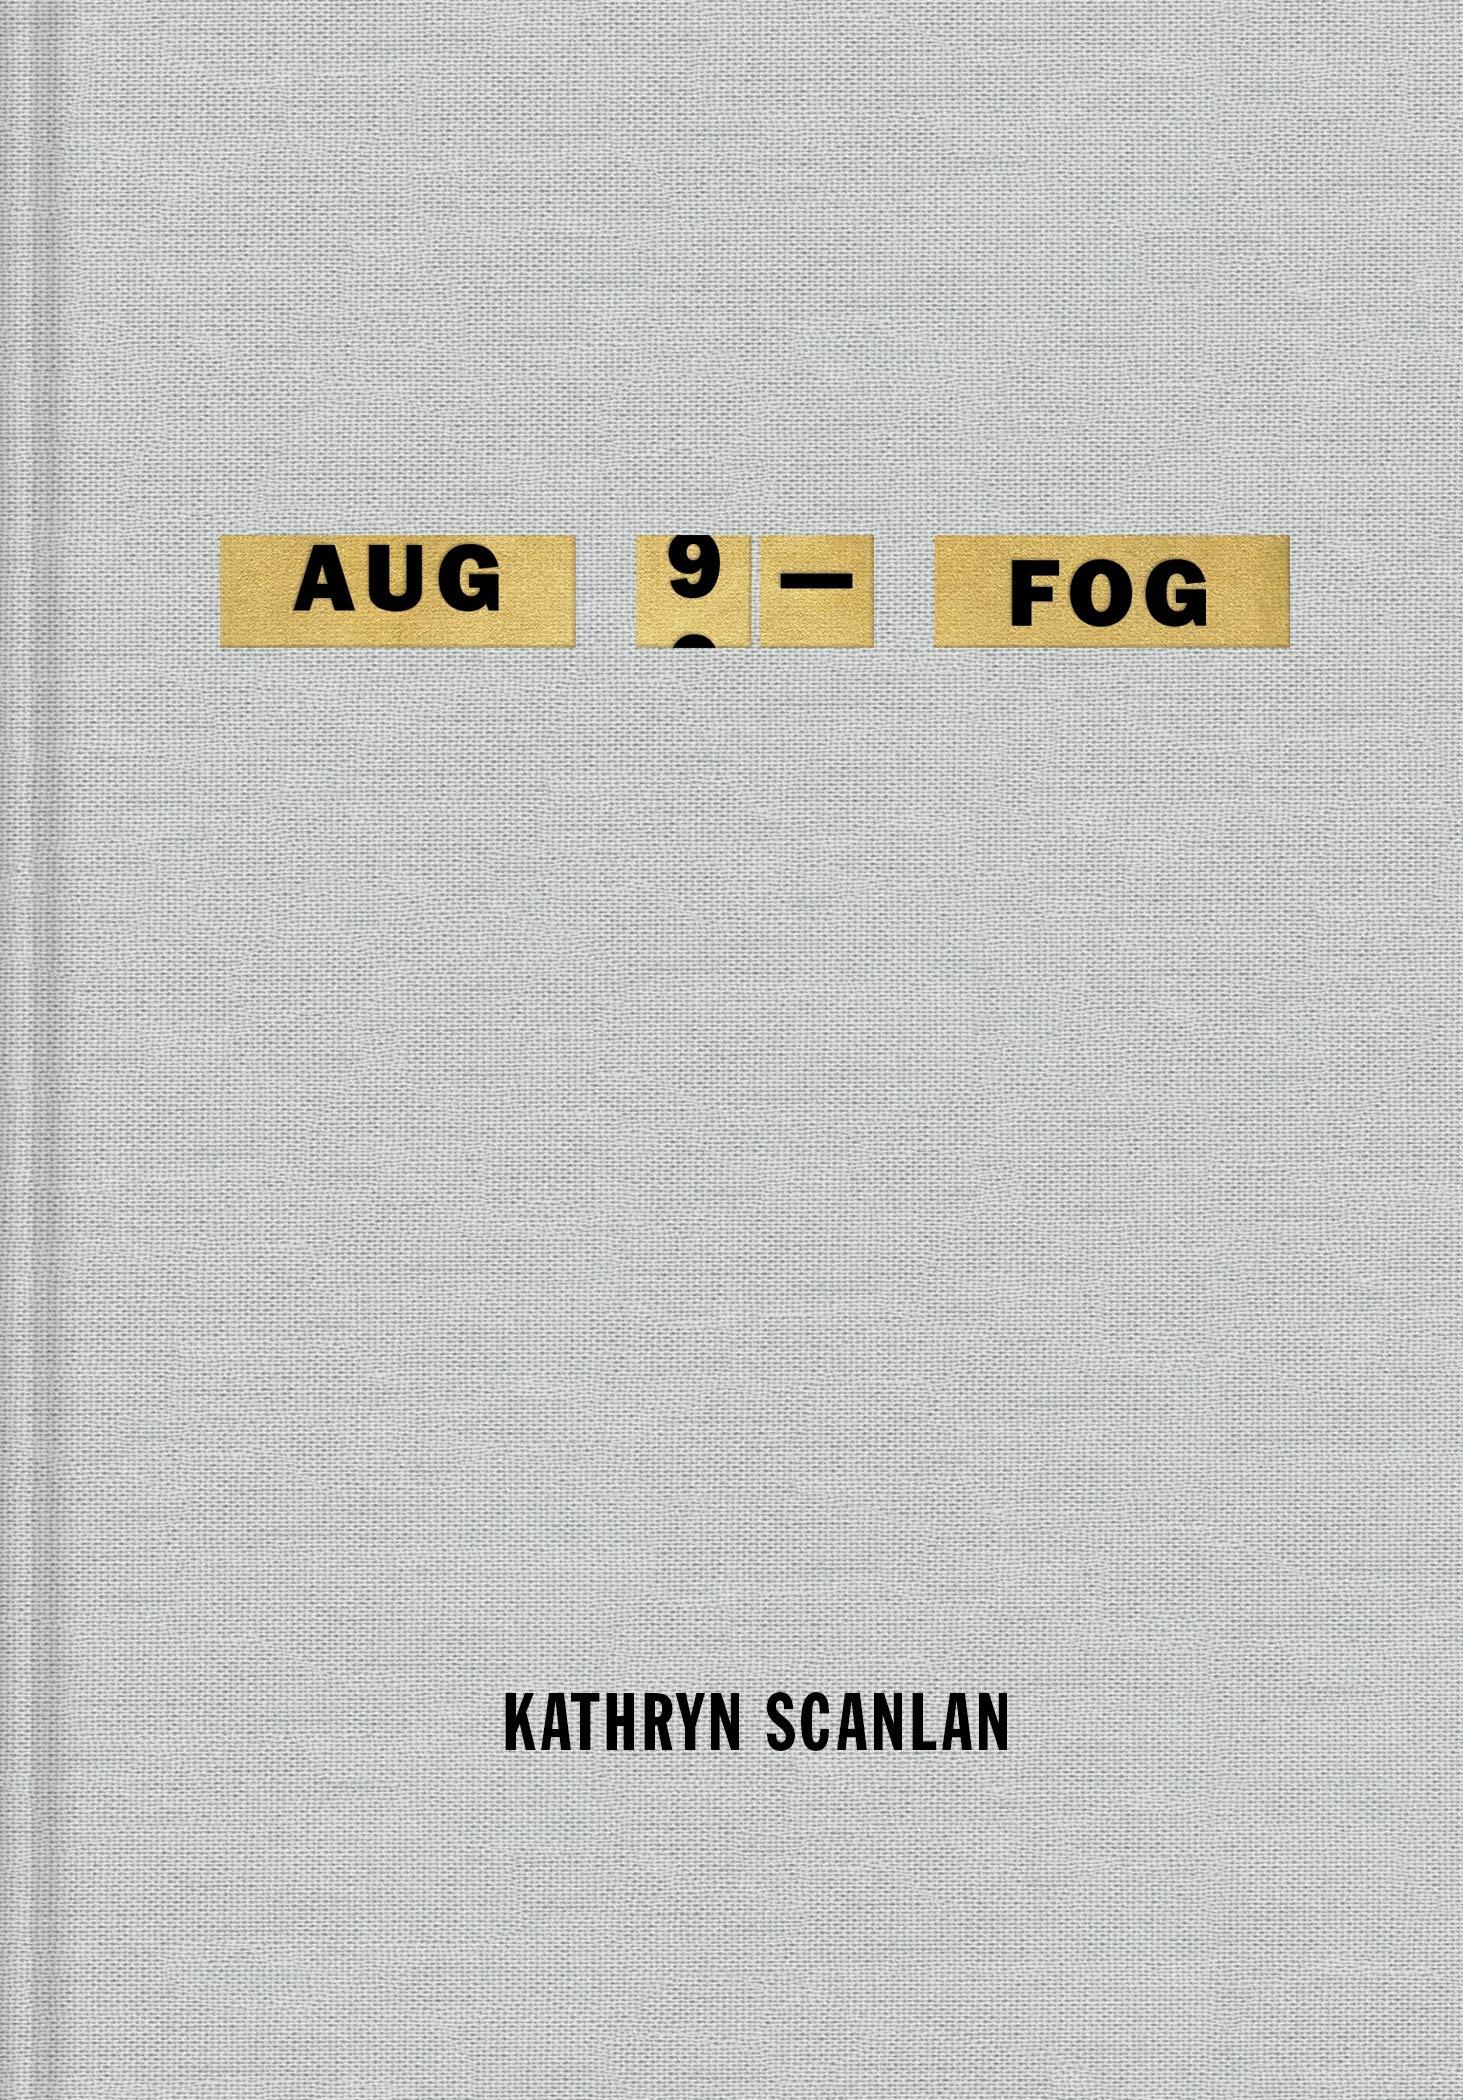 Aug 9 Fog